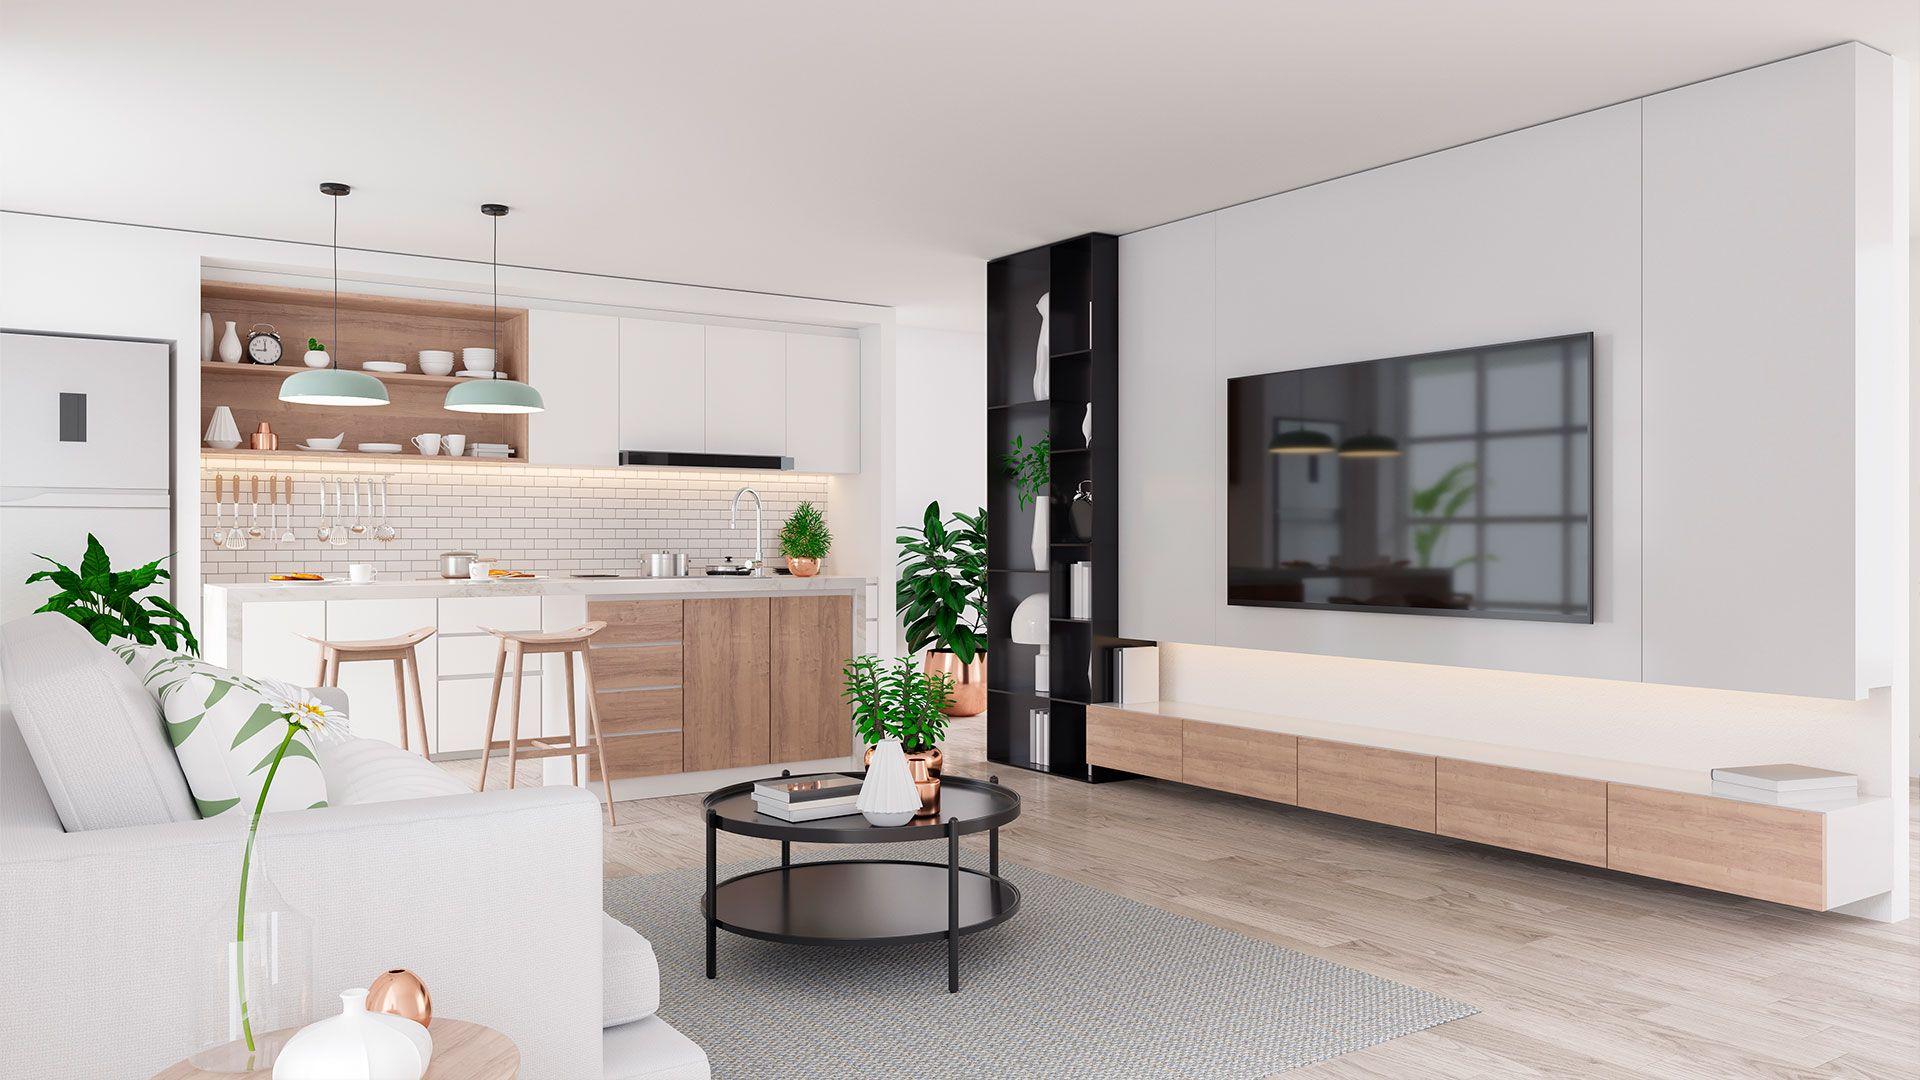 Cocina diseñada e instalada por Soinco en una promoción inmobiliaria